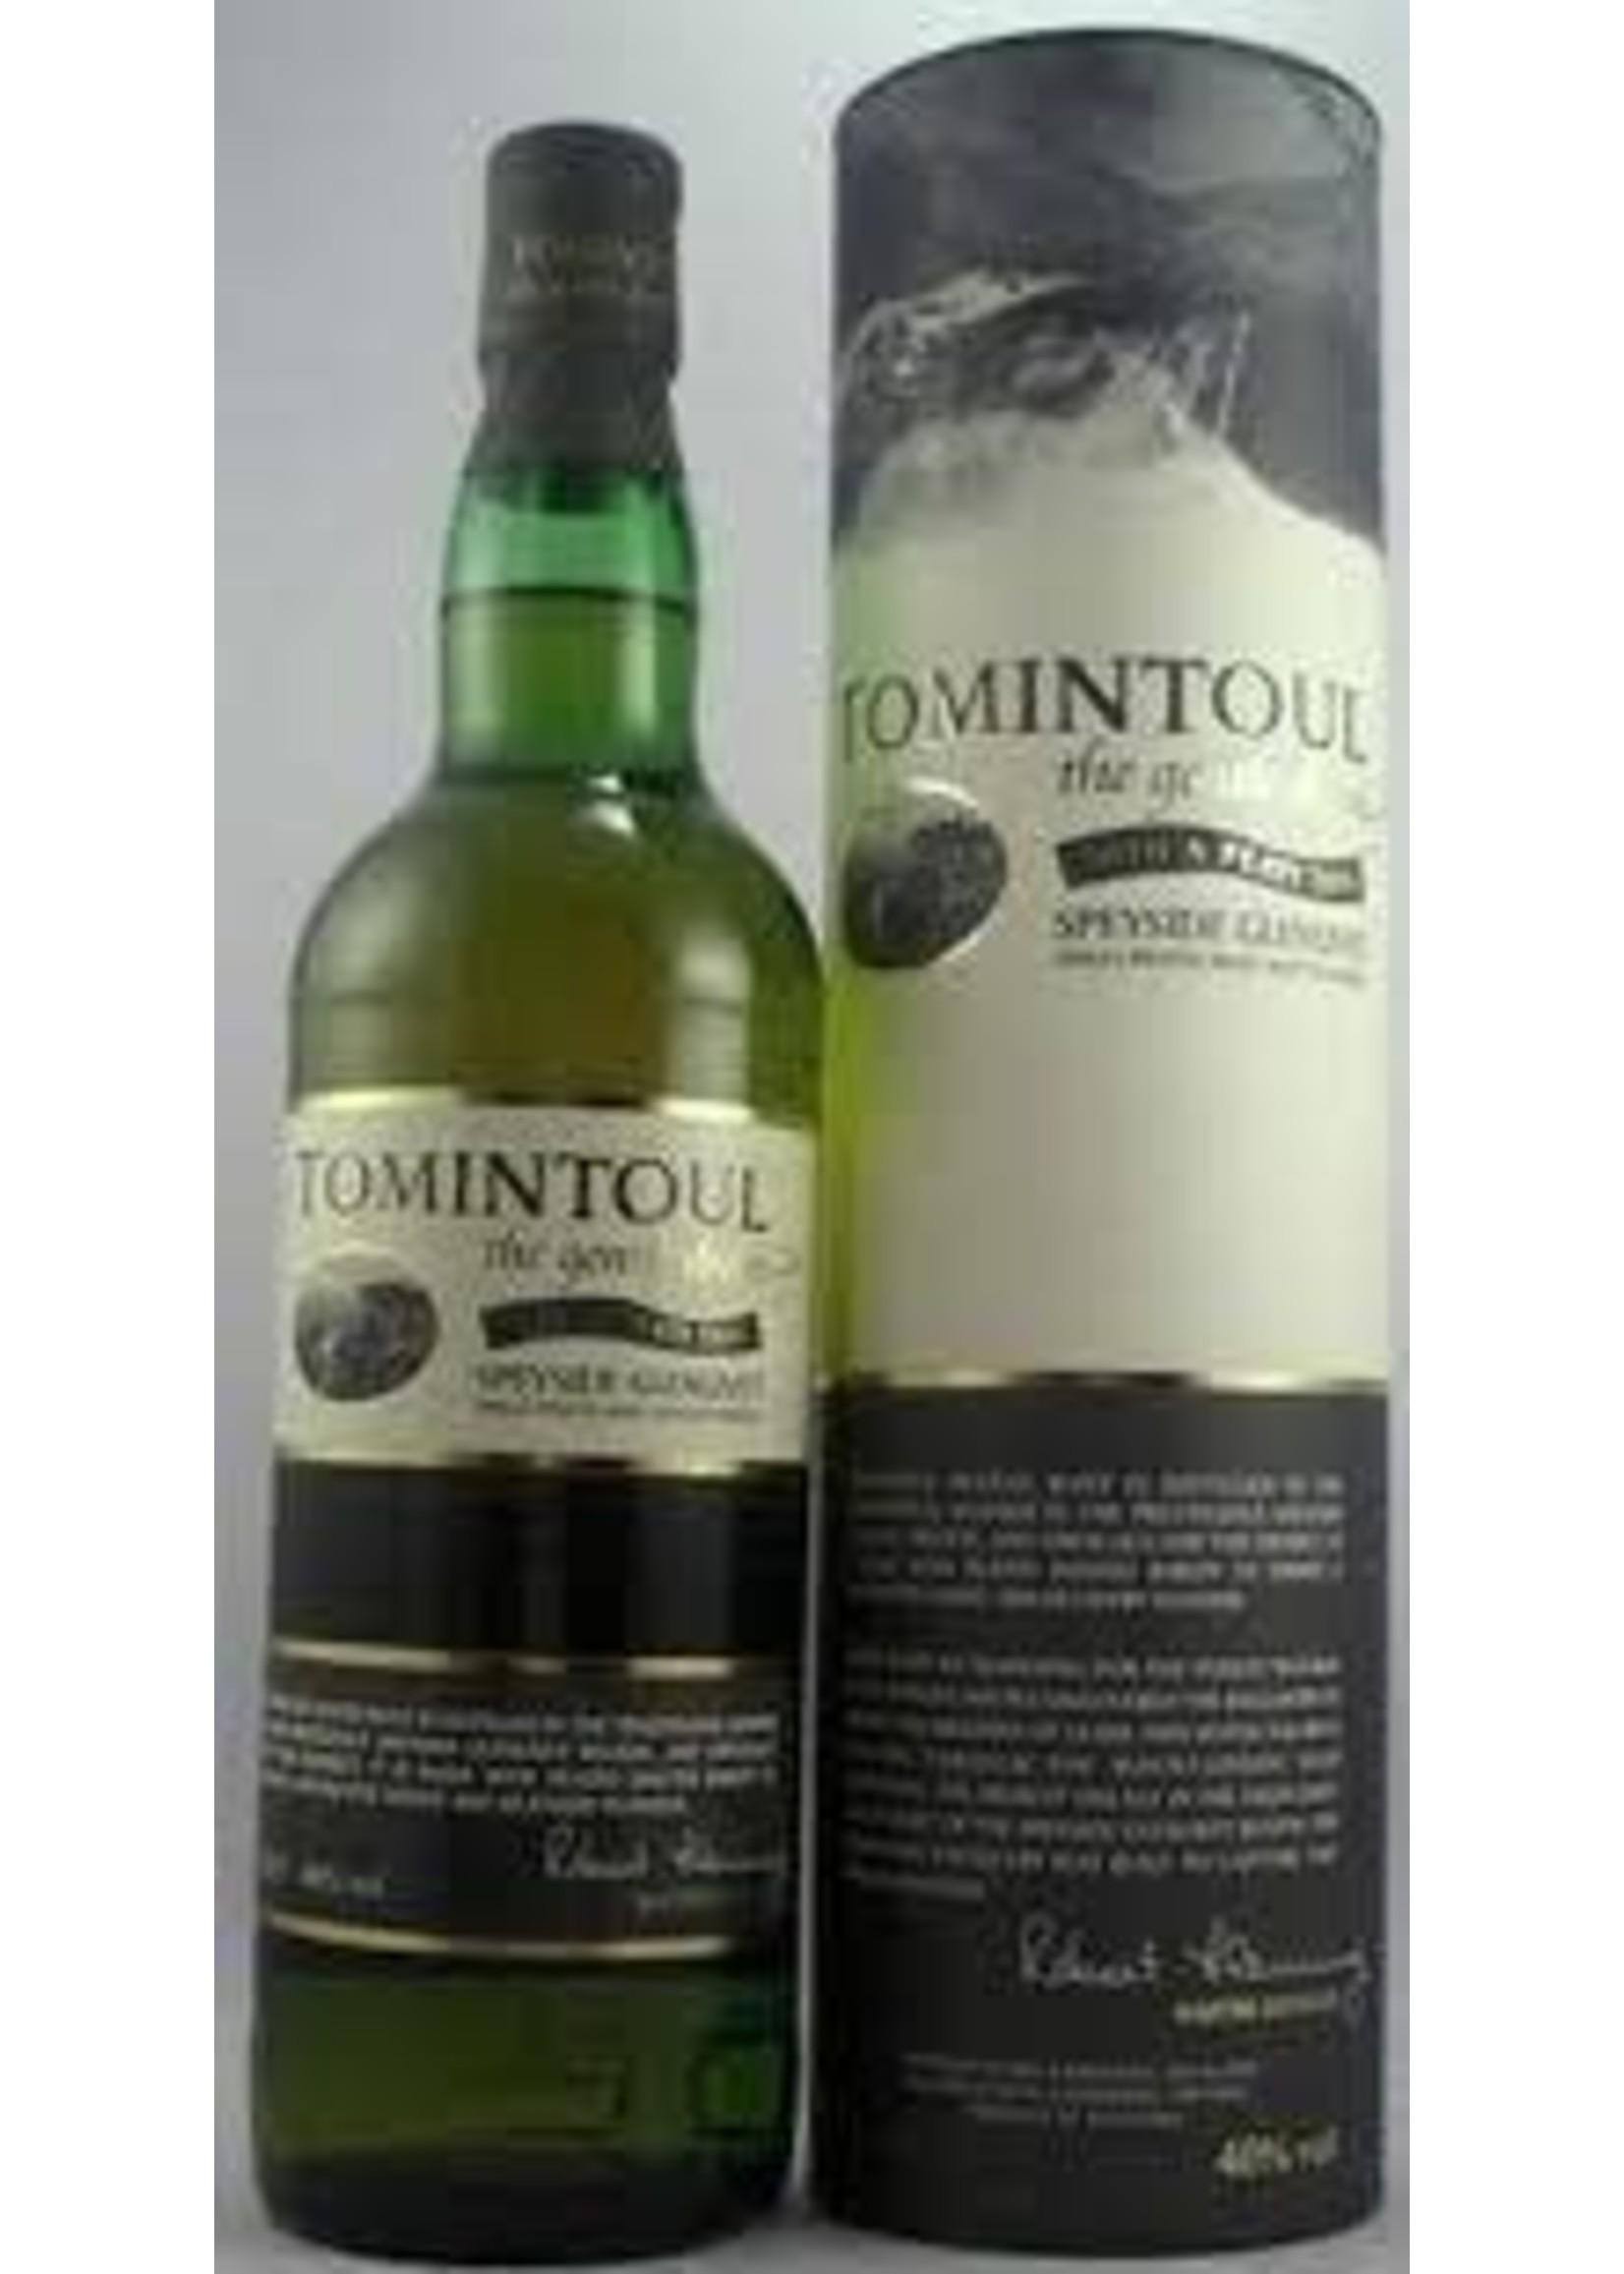 Tomintoul Peaty Tang Speyside Glenlivet Single Malt Scotch Whisky 750ml